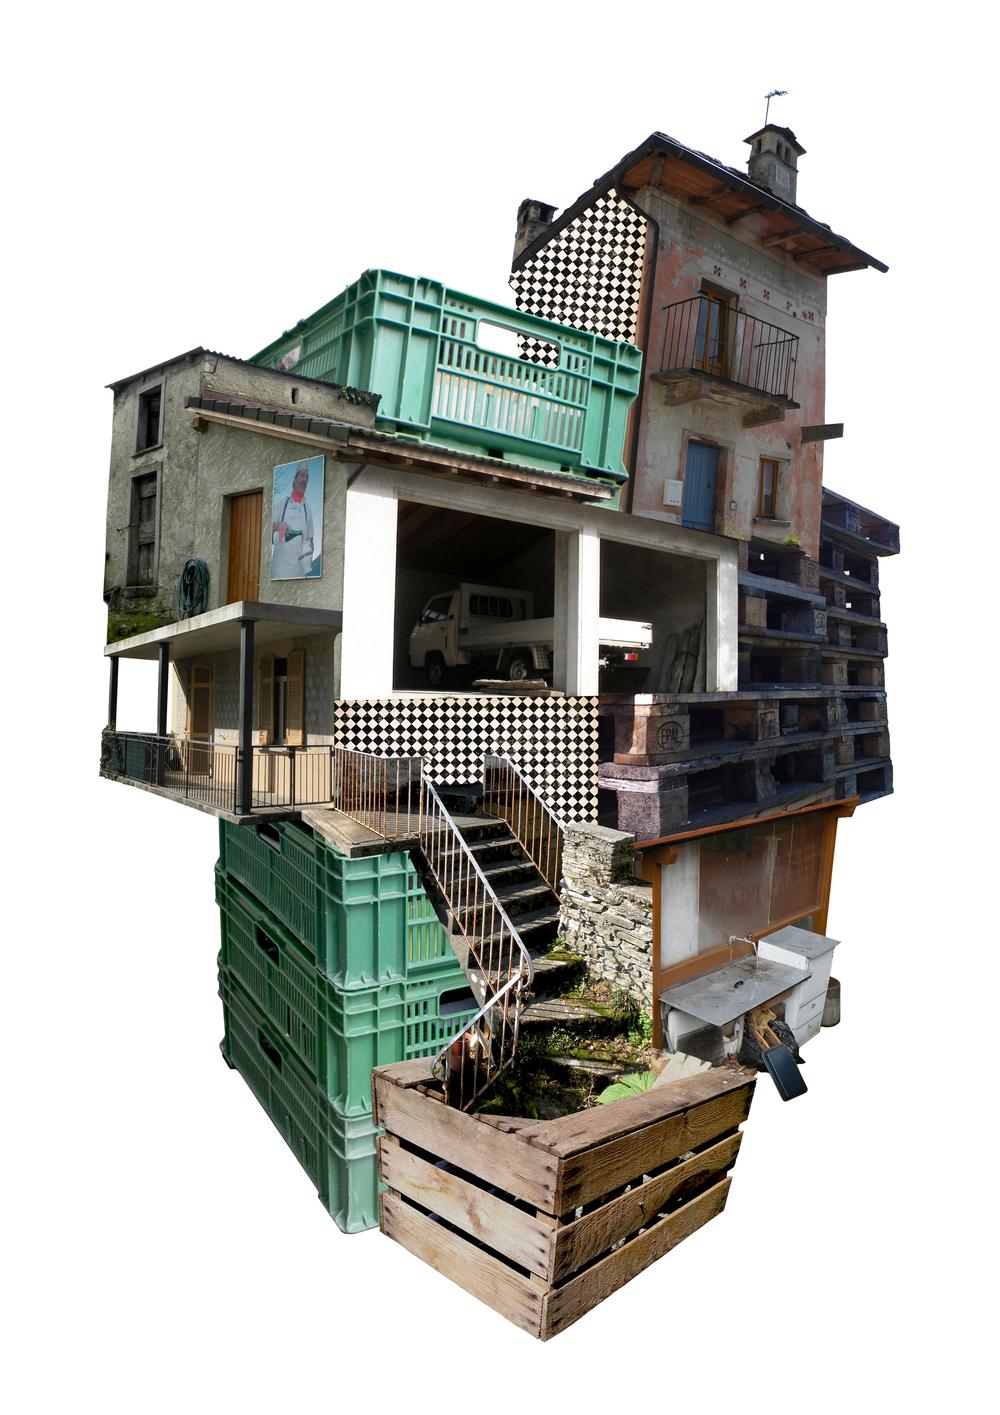 Constructor_Cavigliano Kopie.jpg